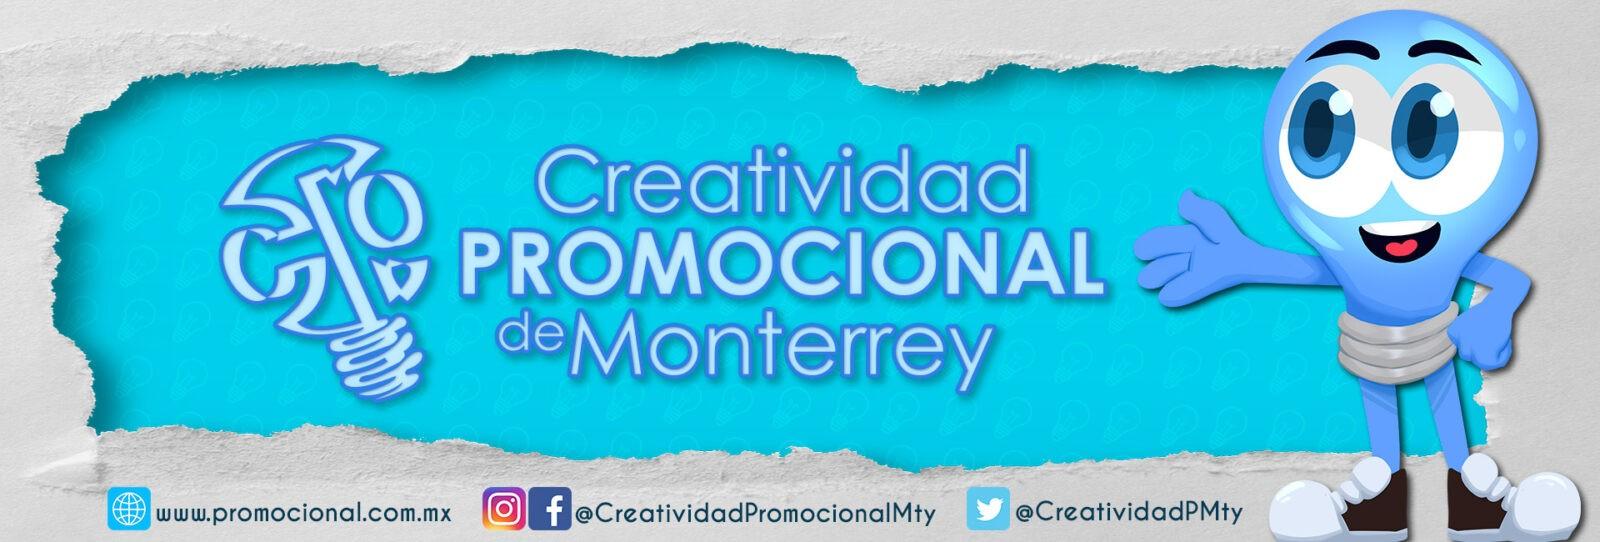 Creatividad Promocional Imprenta en Monterrey